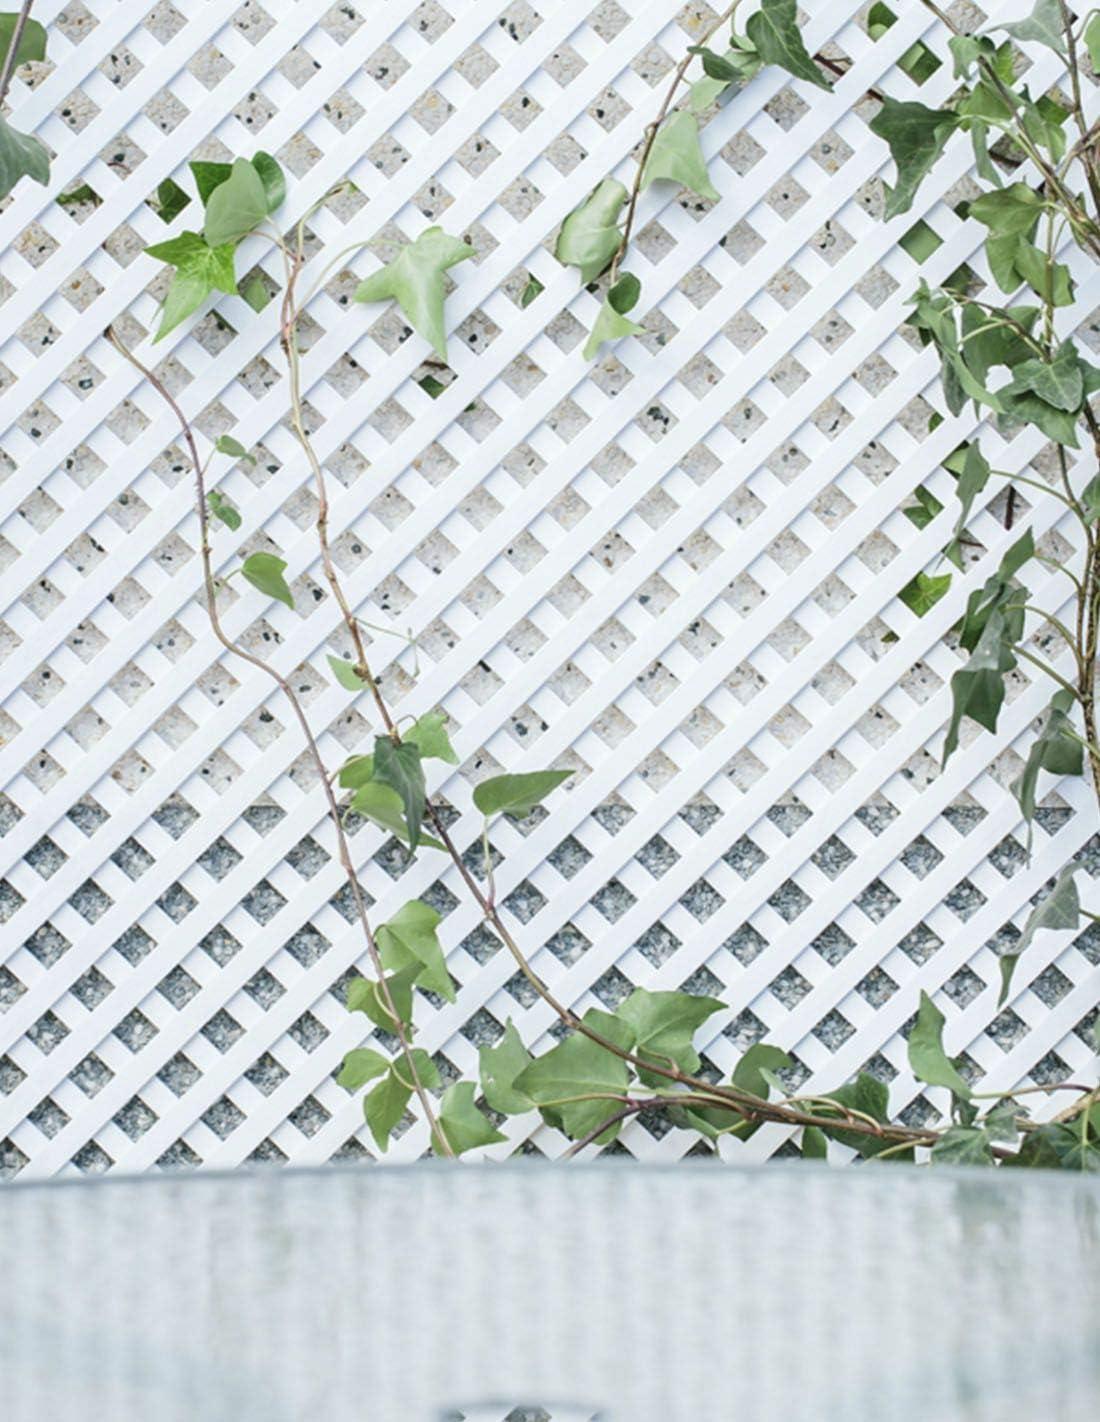 Jardin202 1 x 2 Metros - Celosía Fija de PVC - 18mm - Blanca ...